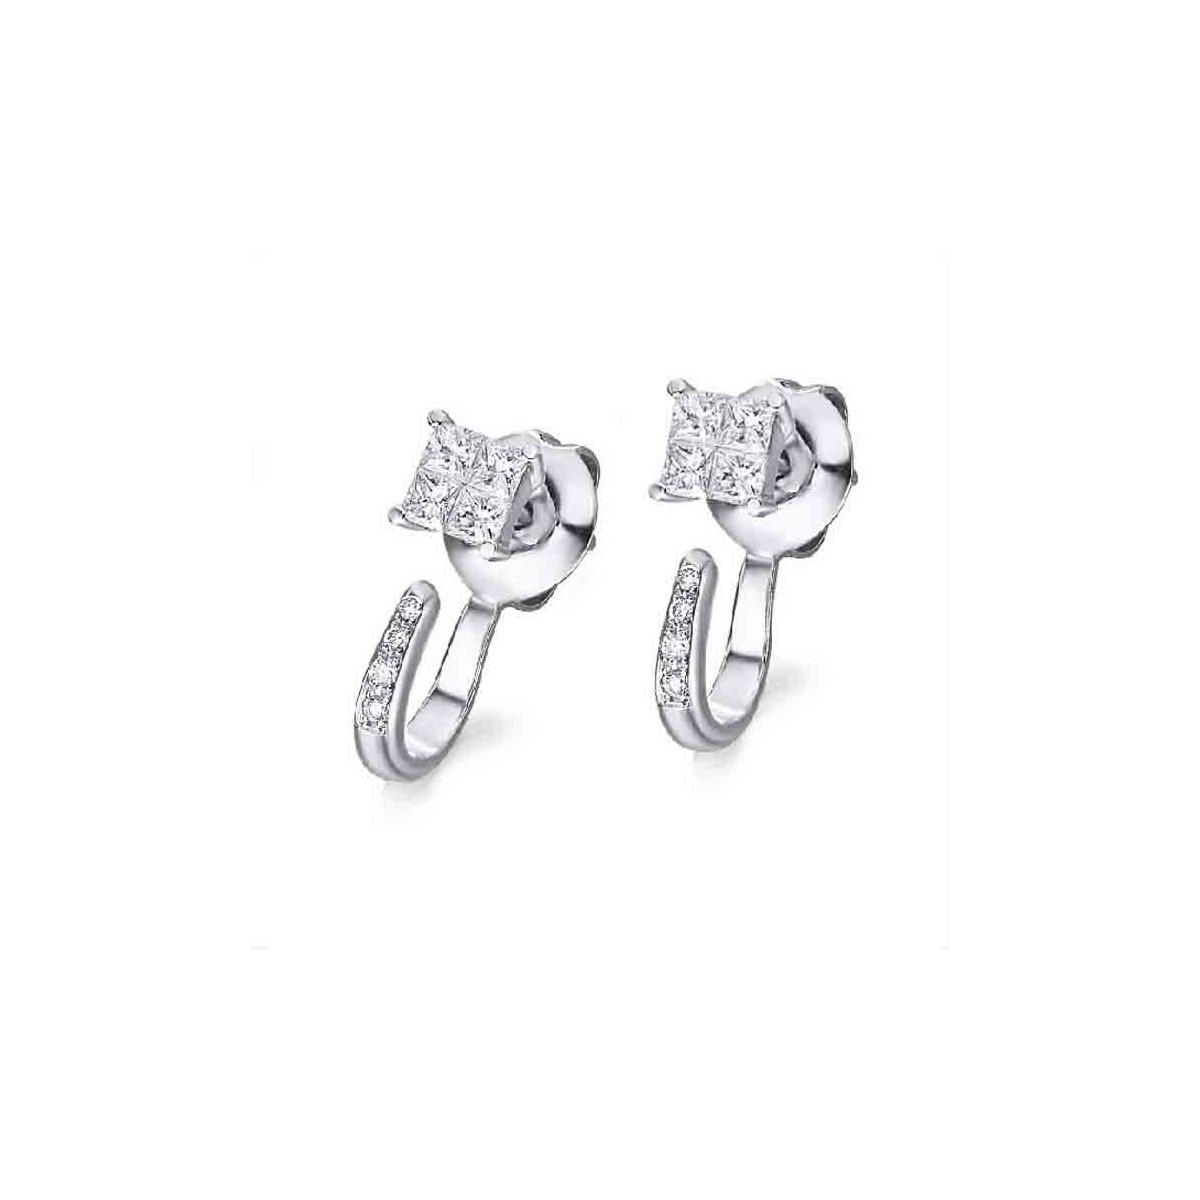 Pendientes oro blanco y Diamantes - 2,10 x 2,10 mm - 0,47 quilates